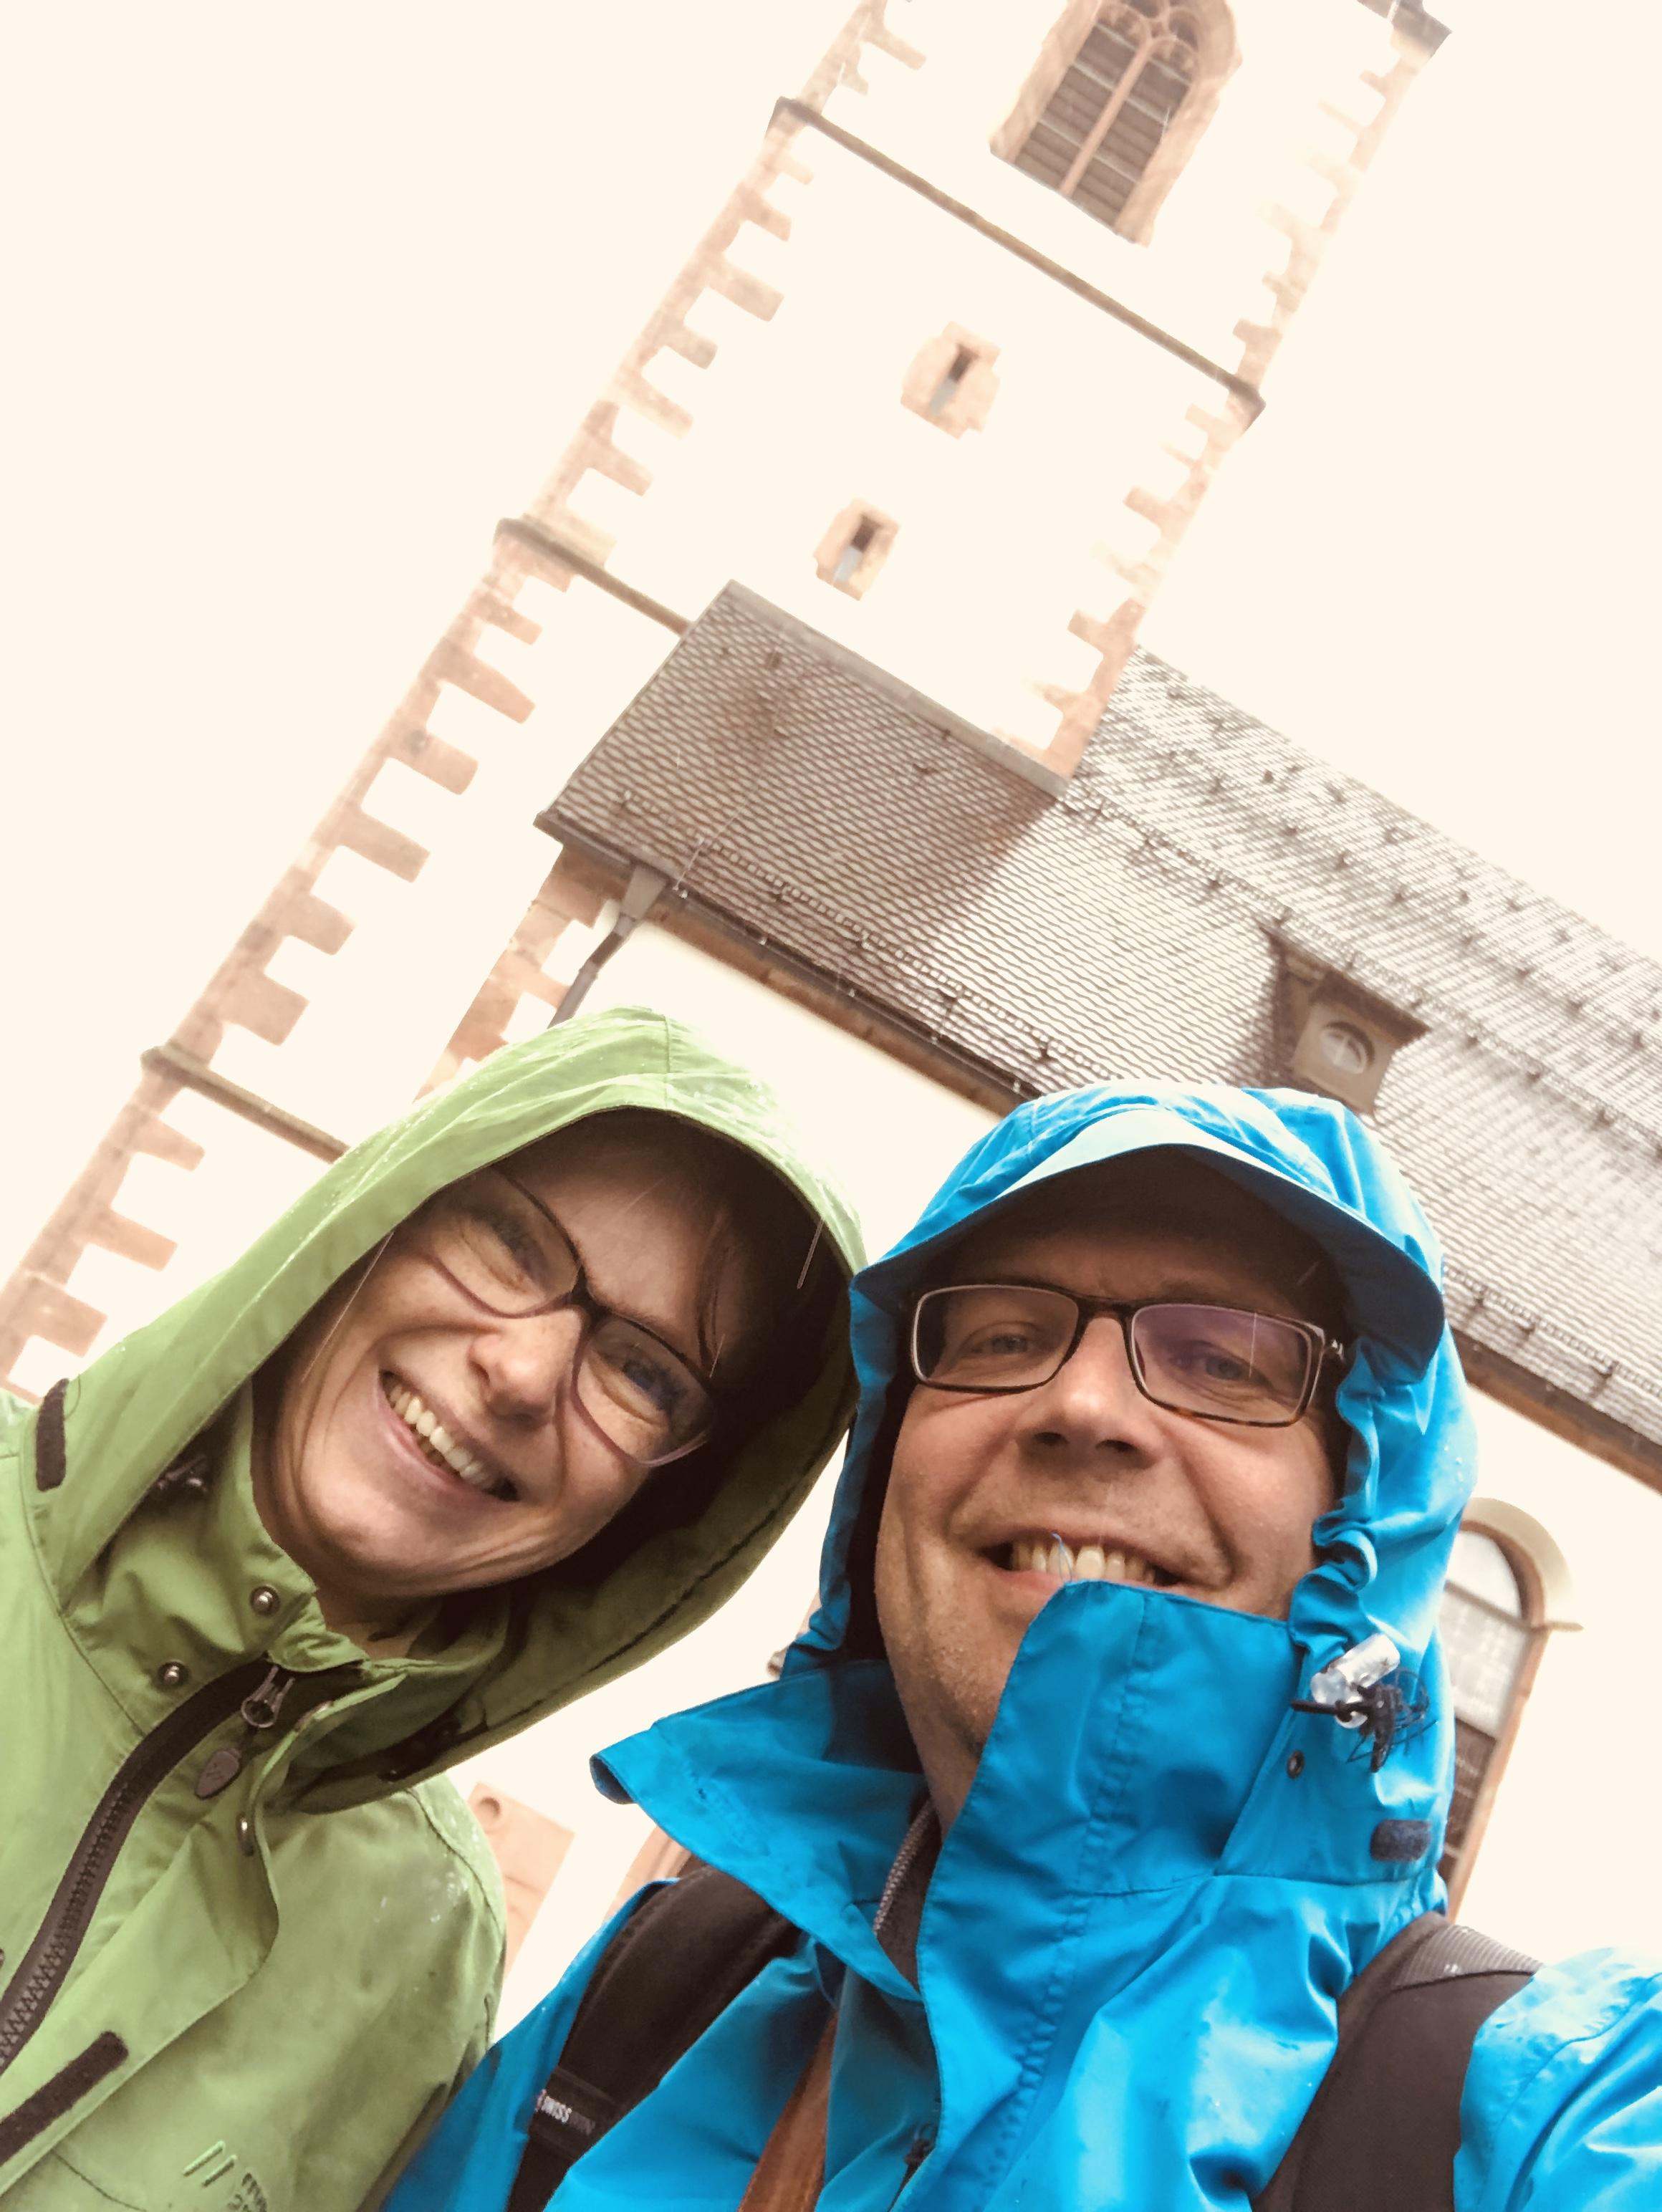 Die Kirche in Wolfach. Katja und Matthias stehen lachend davor.